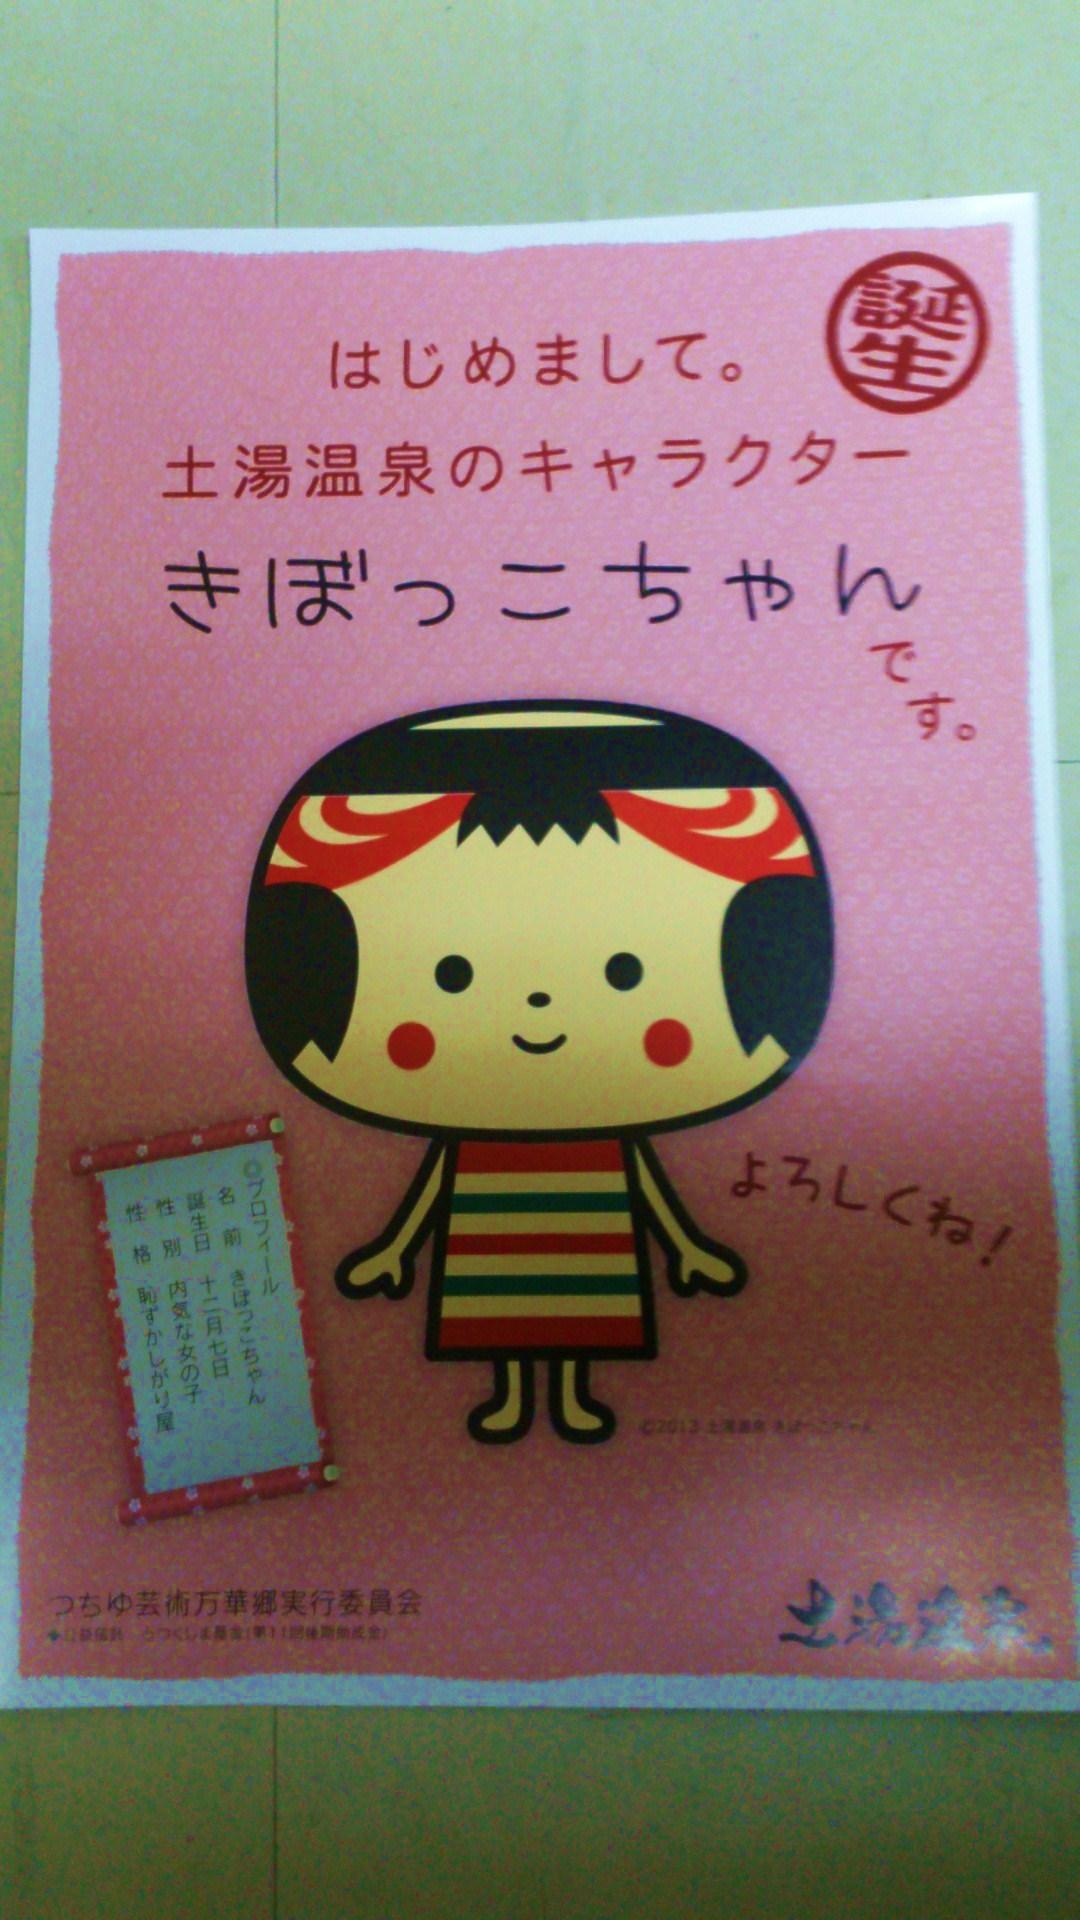 1月14日 もうひとつのかお_e0318040_1918899.jpg